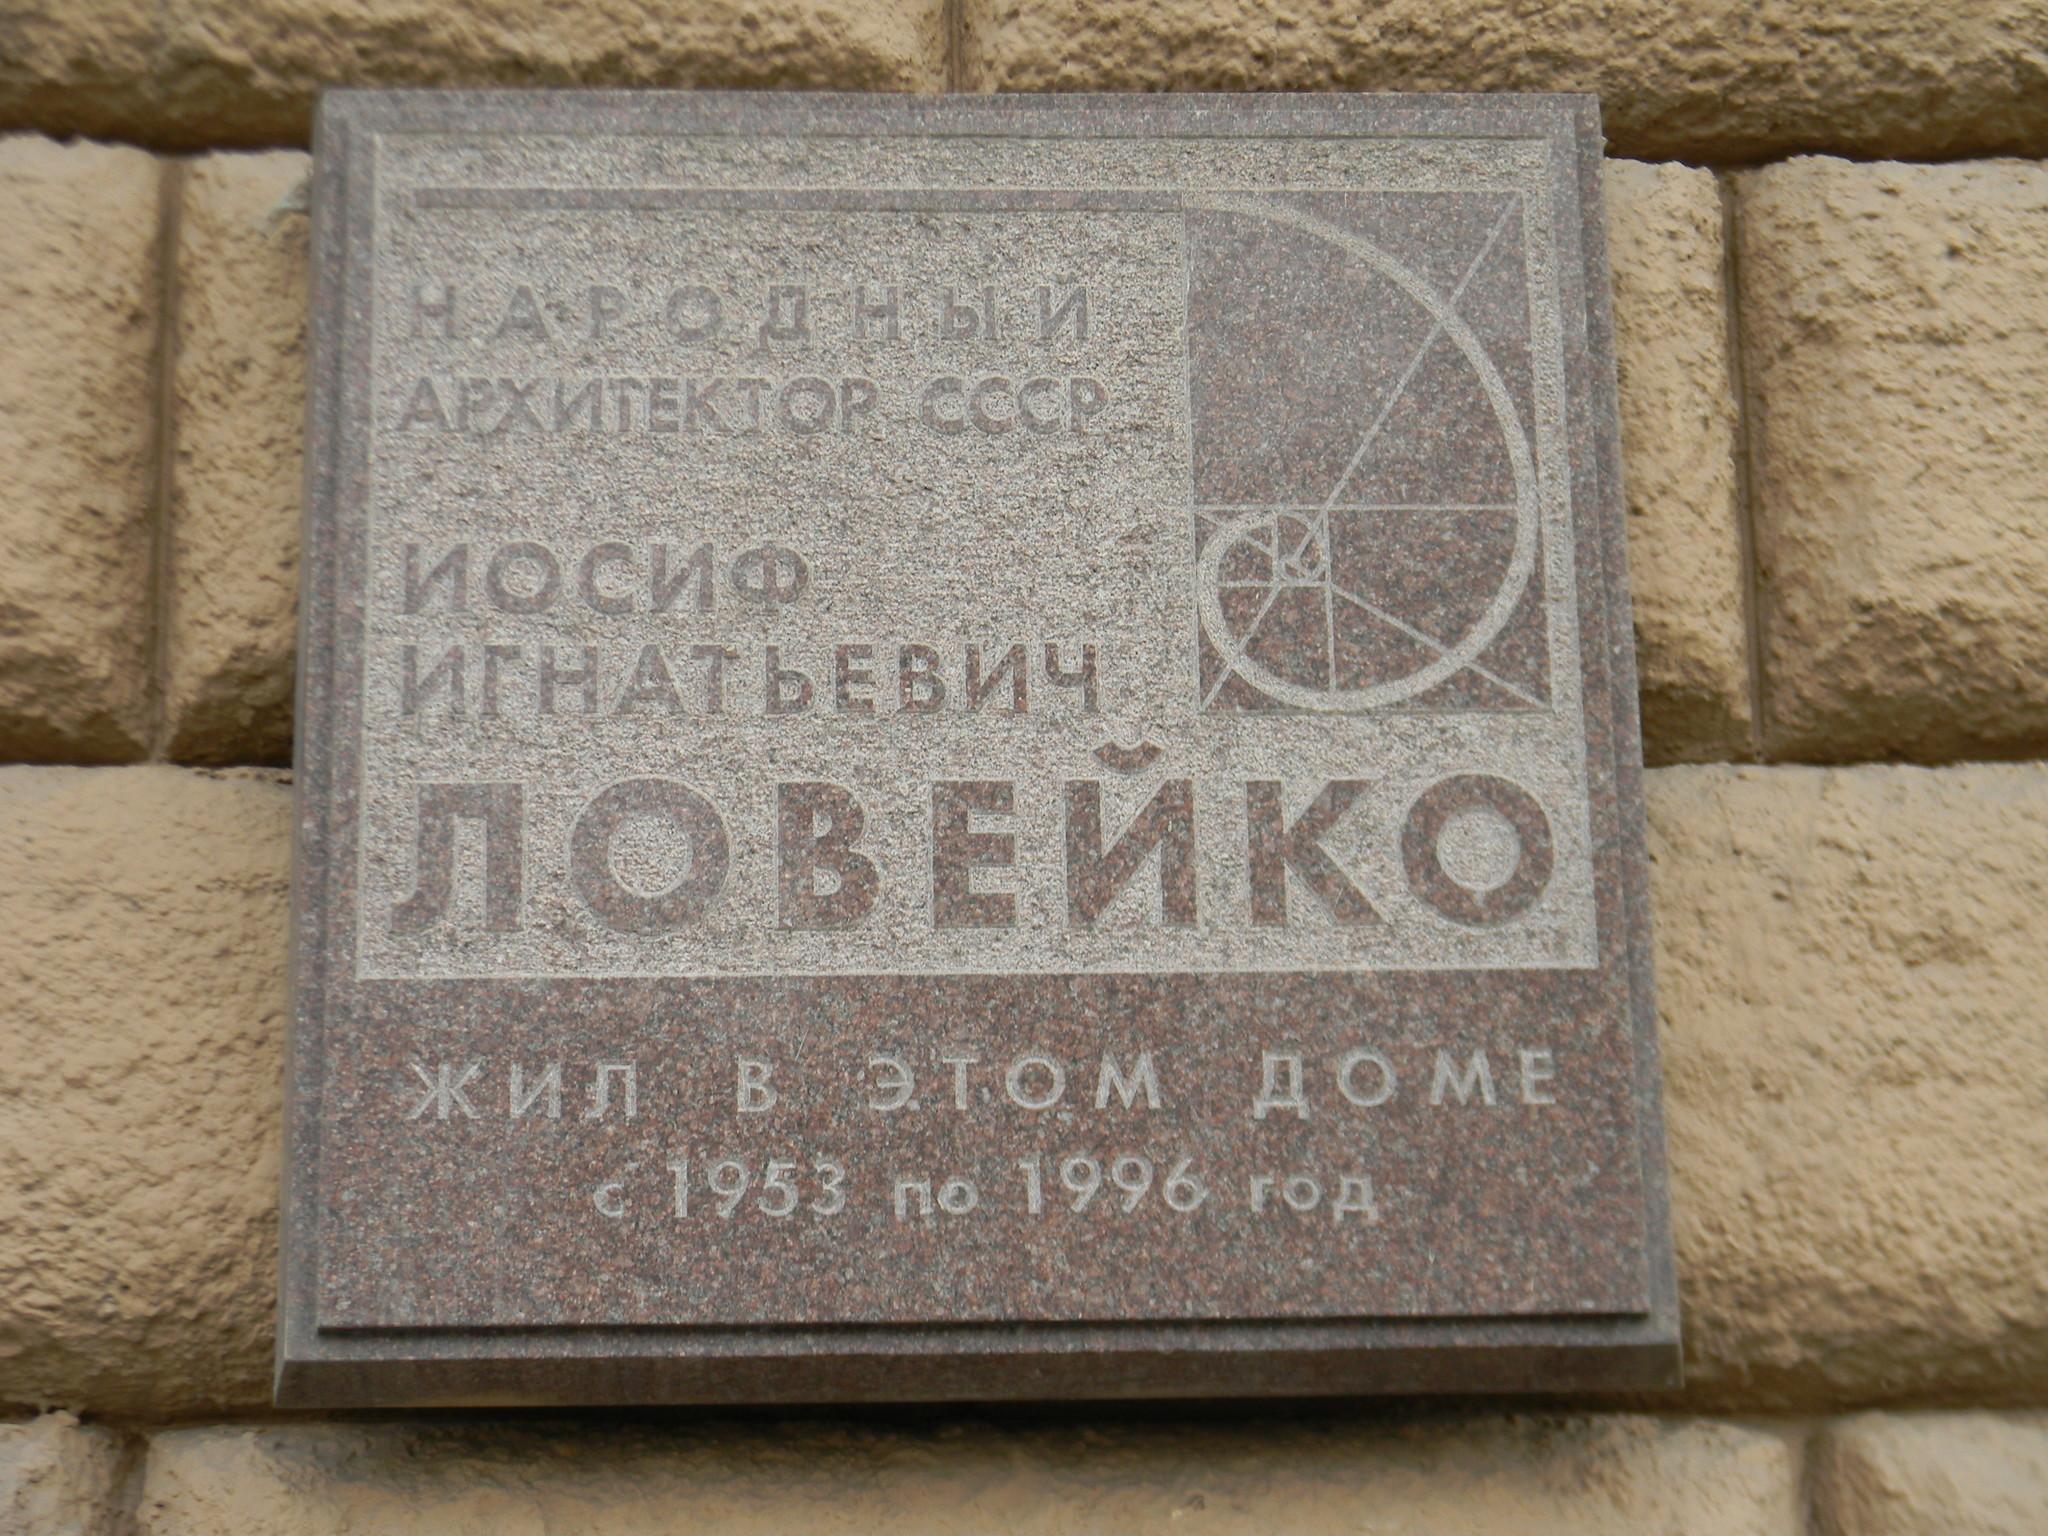 Мемориальная доска на стене дома, где жил Иосиф Игнатьевич Ловейко с 1953 года по 1996 год (Новинский бульвар, дом 18, строение 1)